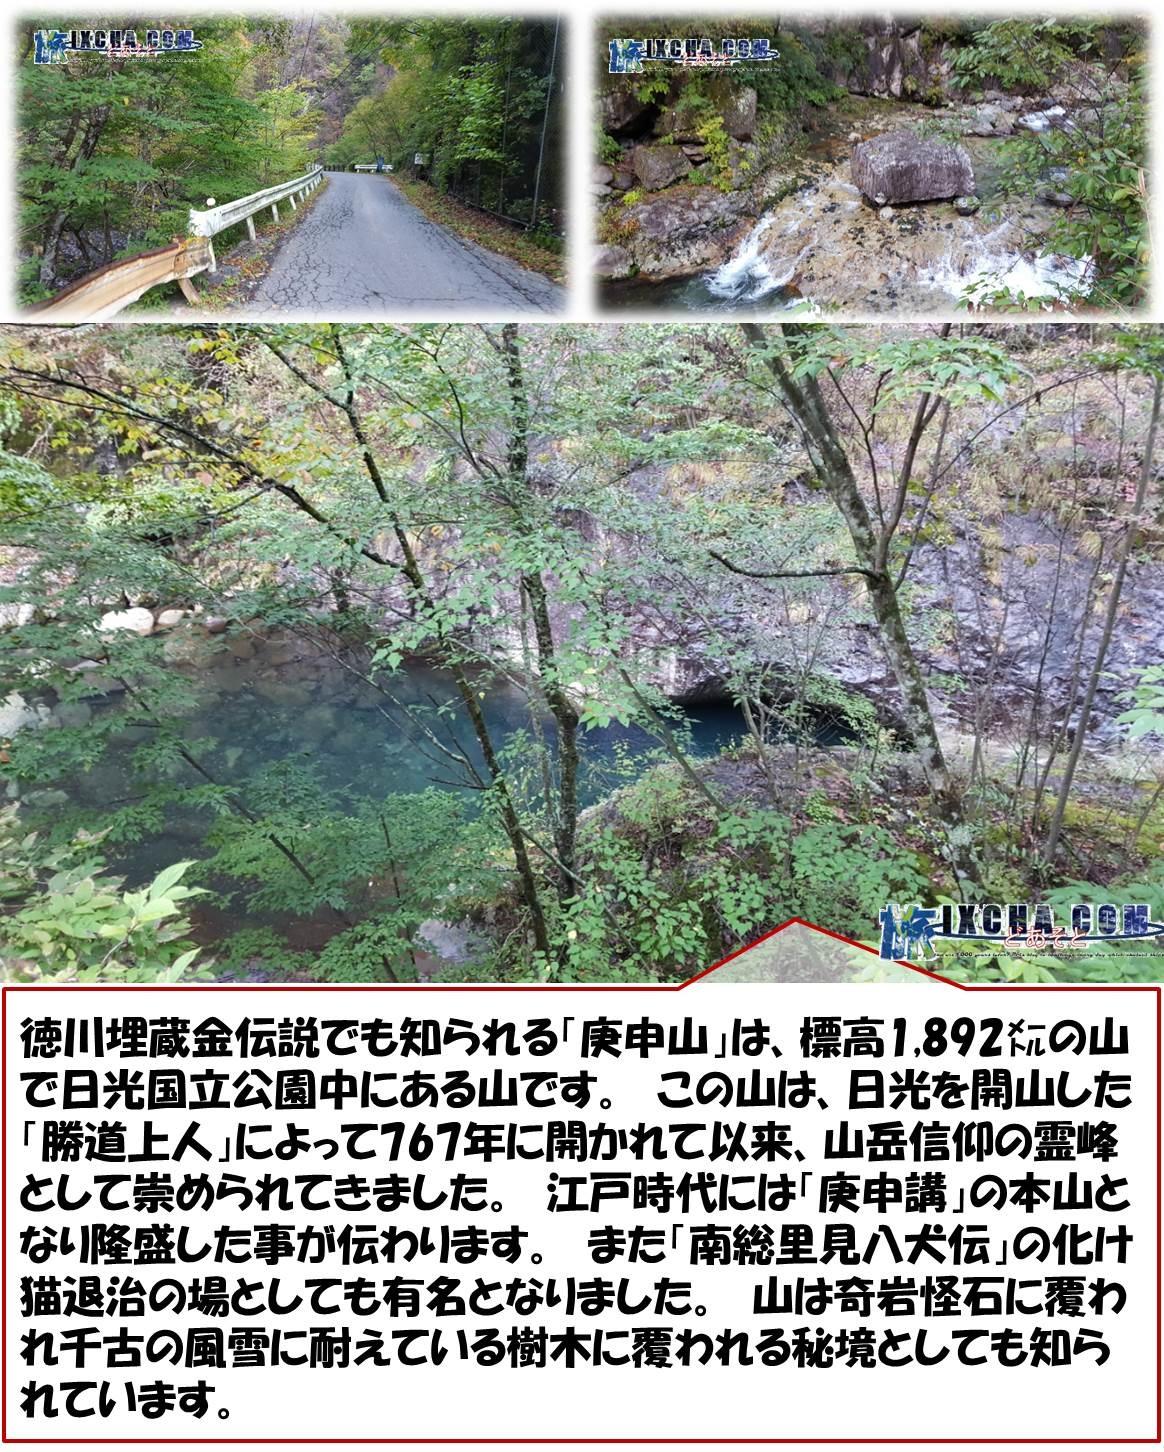 徳川埋蔵金伝説でも知られる「庚申山」は、標高1,892㍍の山で日光国立公園中にある山です。 この山は、日光を開山した「勝道上人」によって767年に開かれて以来、山岳信仰の霊峰として崇められてきました。 江戸時代には「庚申講」の本山となり隆盛した事が伝わります。 また「南総里見八犬伝」の化け猫退治の場としても有名となりました。 山は奇岩怪石に覆われ千古の風雪に耐えている樹木に覆われる秘境としても知られています。